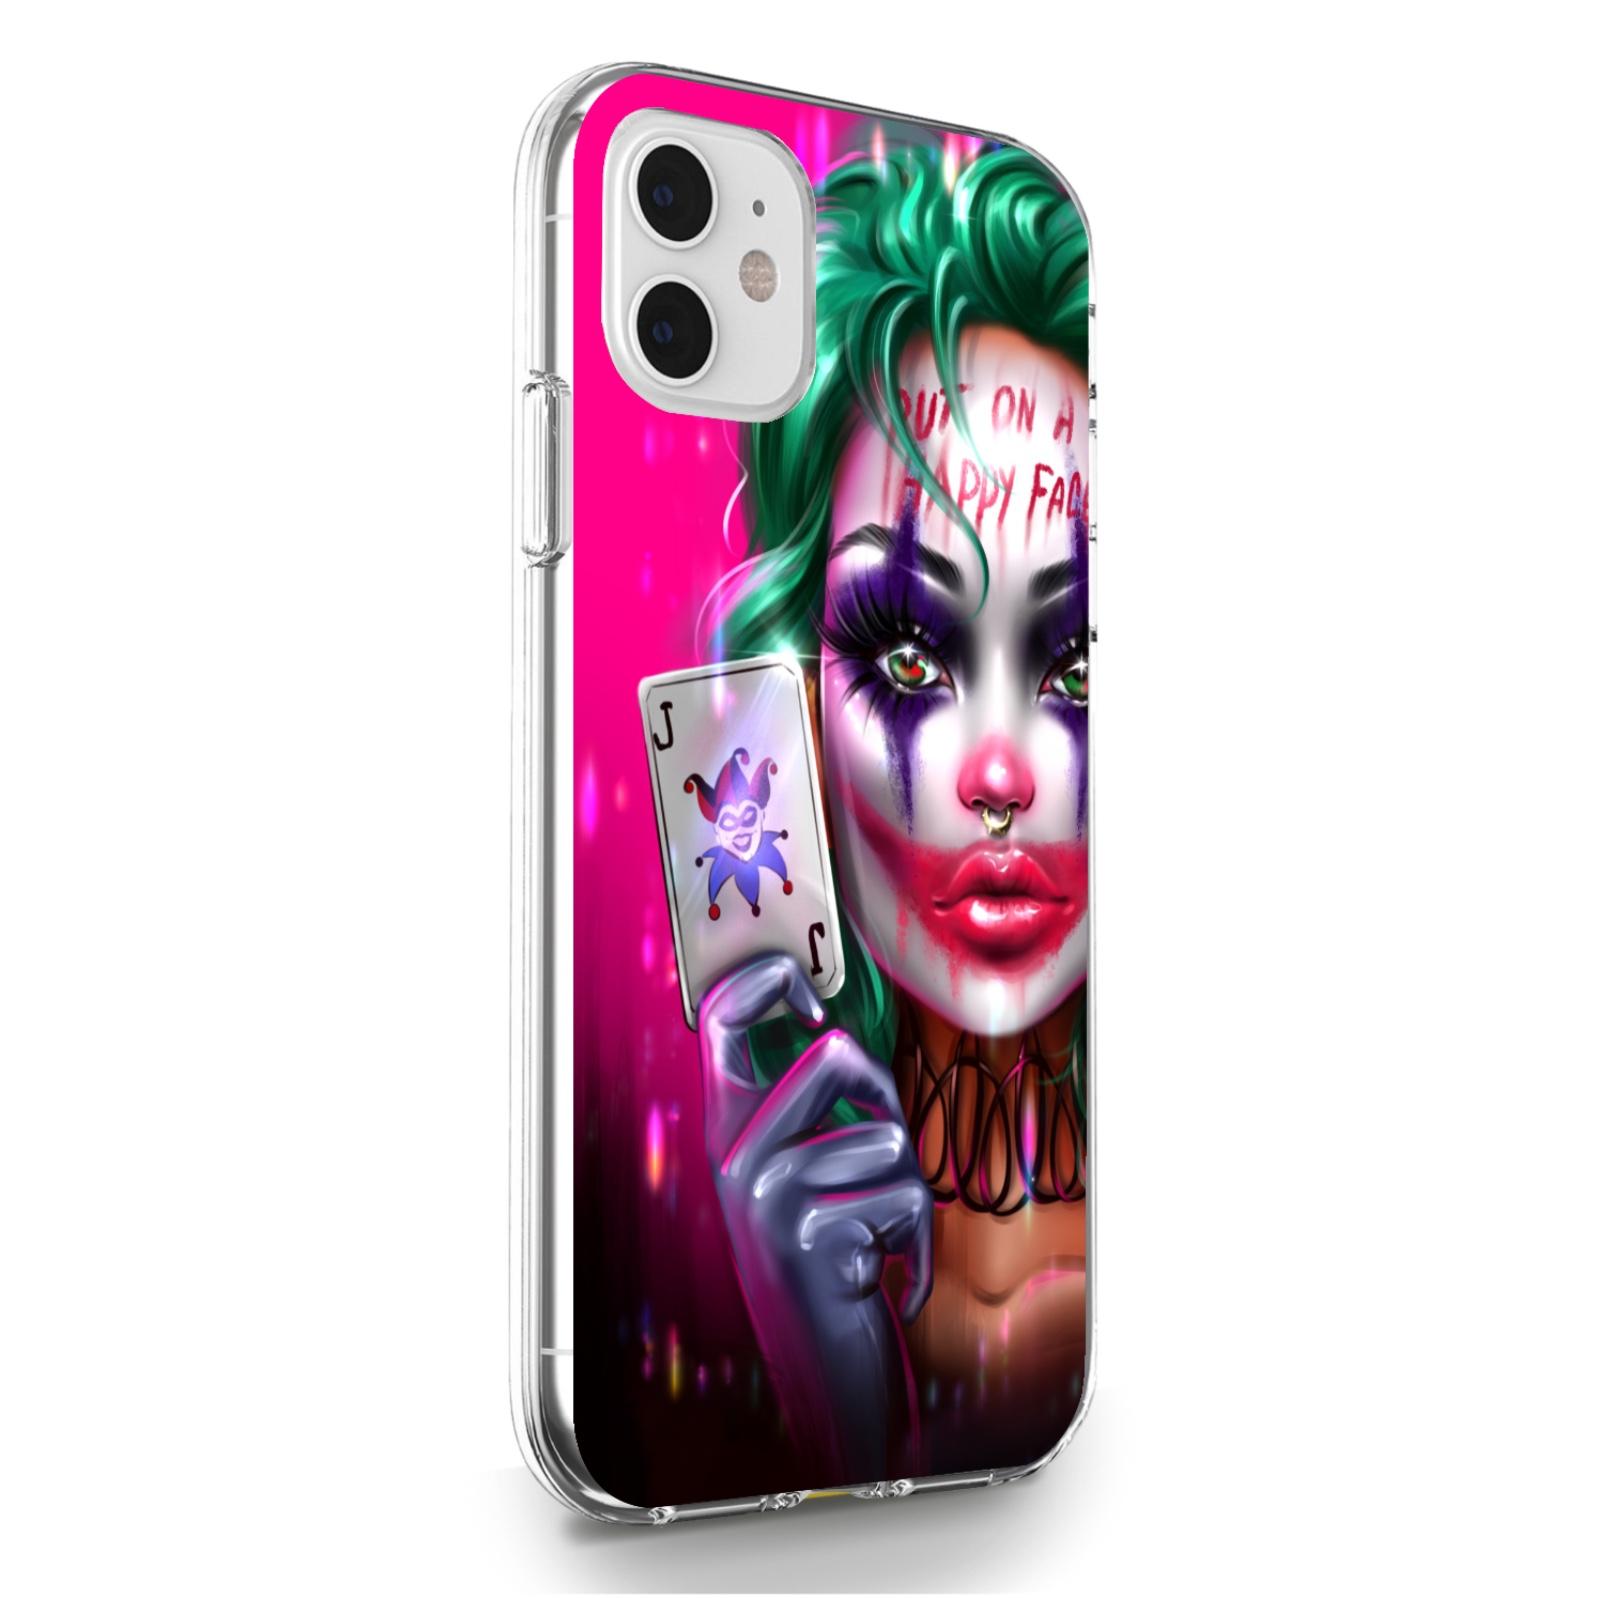 Прозрачный силиконовый чехол для iPhone 11 Joker Girl/ Харли Квин для Айфон 11